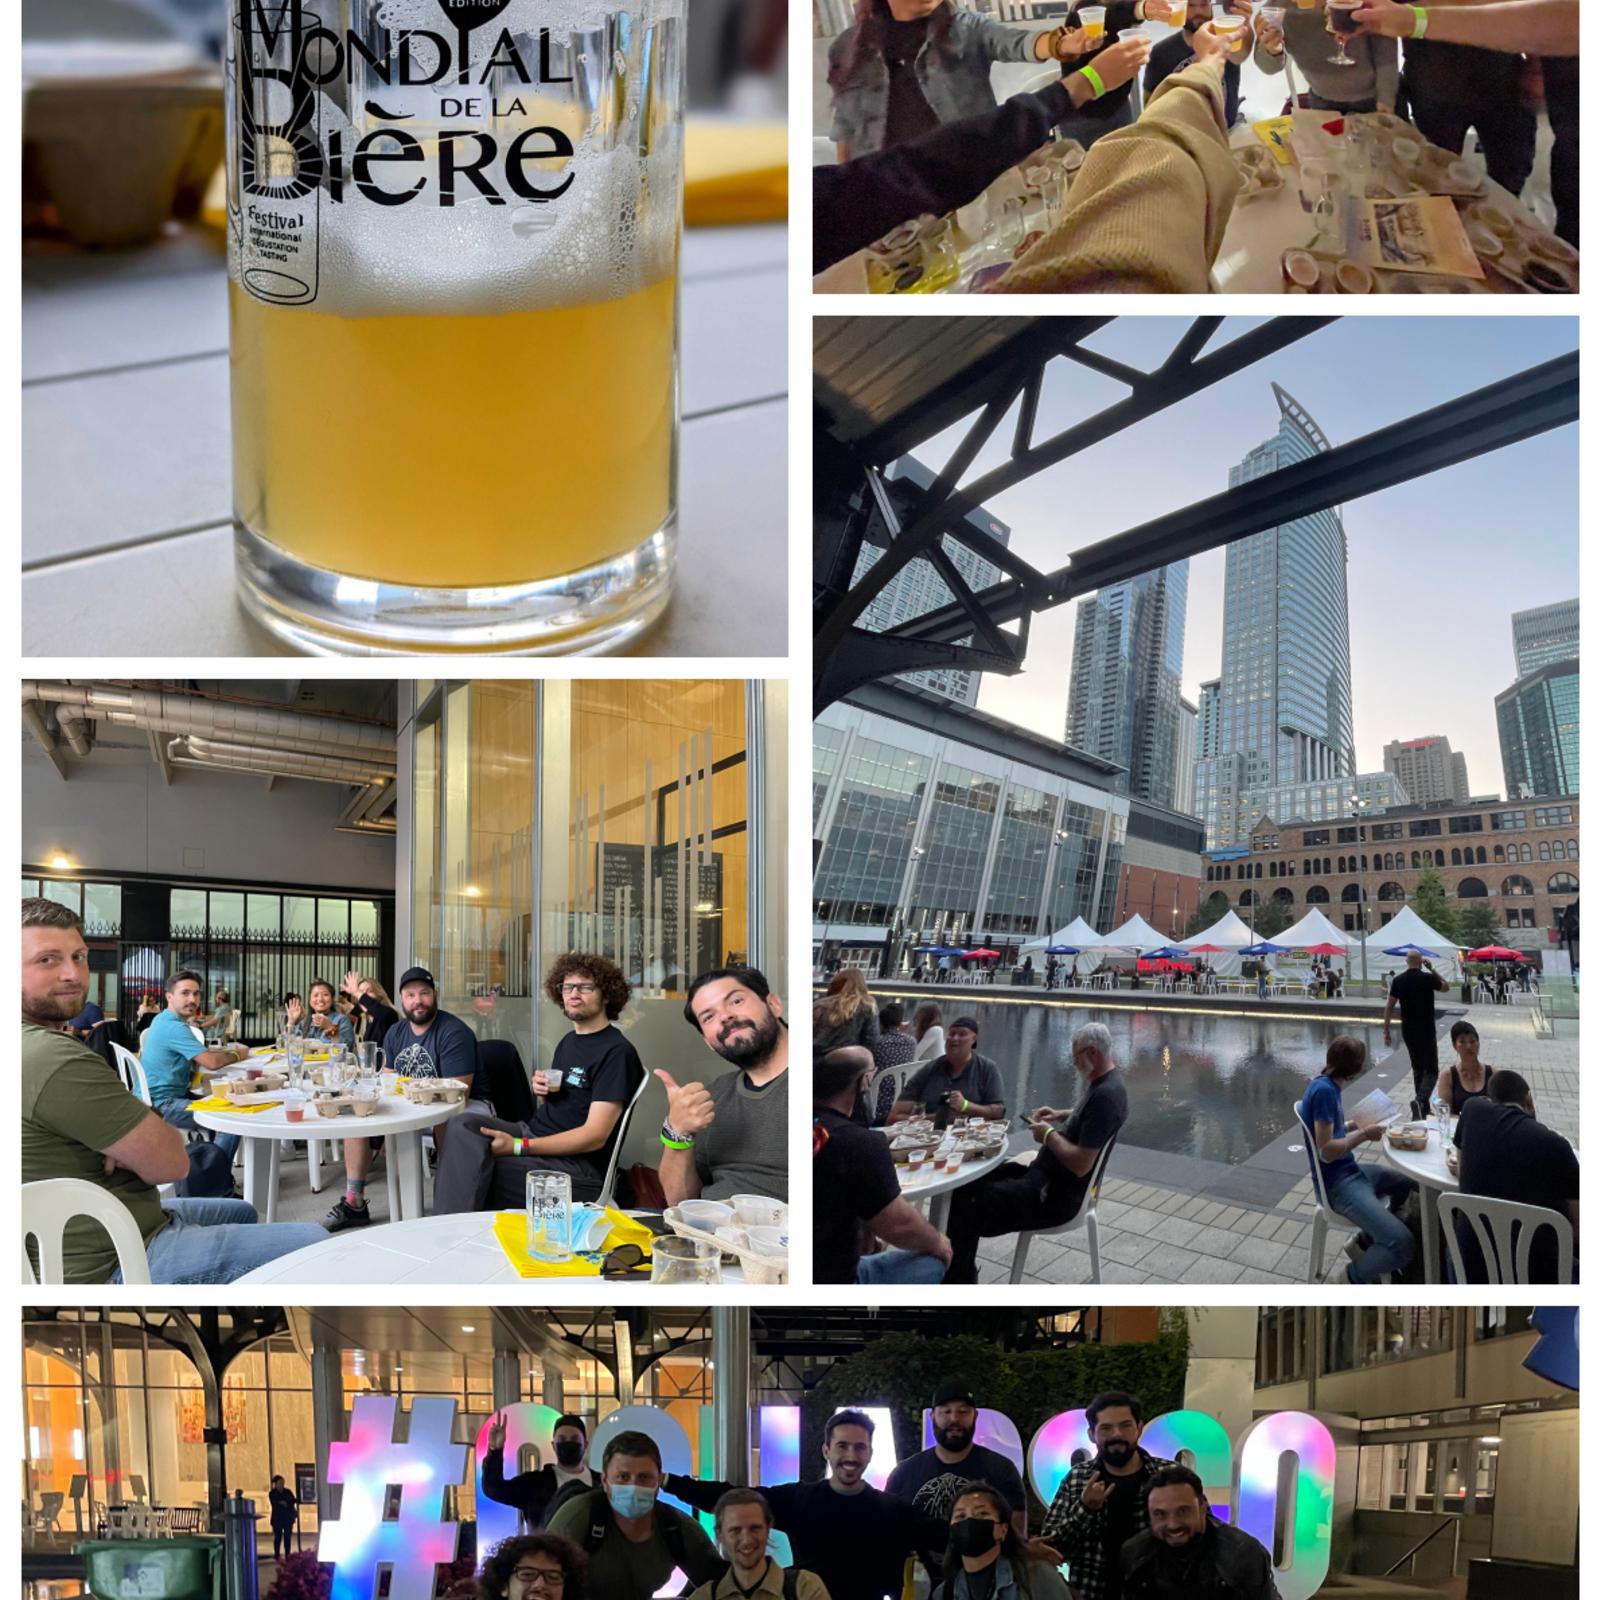 Sortie dégustation au Mondial de la Bière de Montréal #mireclub-micro-MTL 🍻🤝